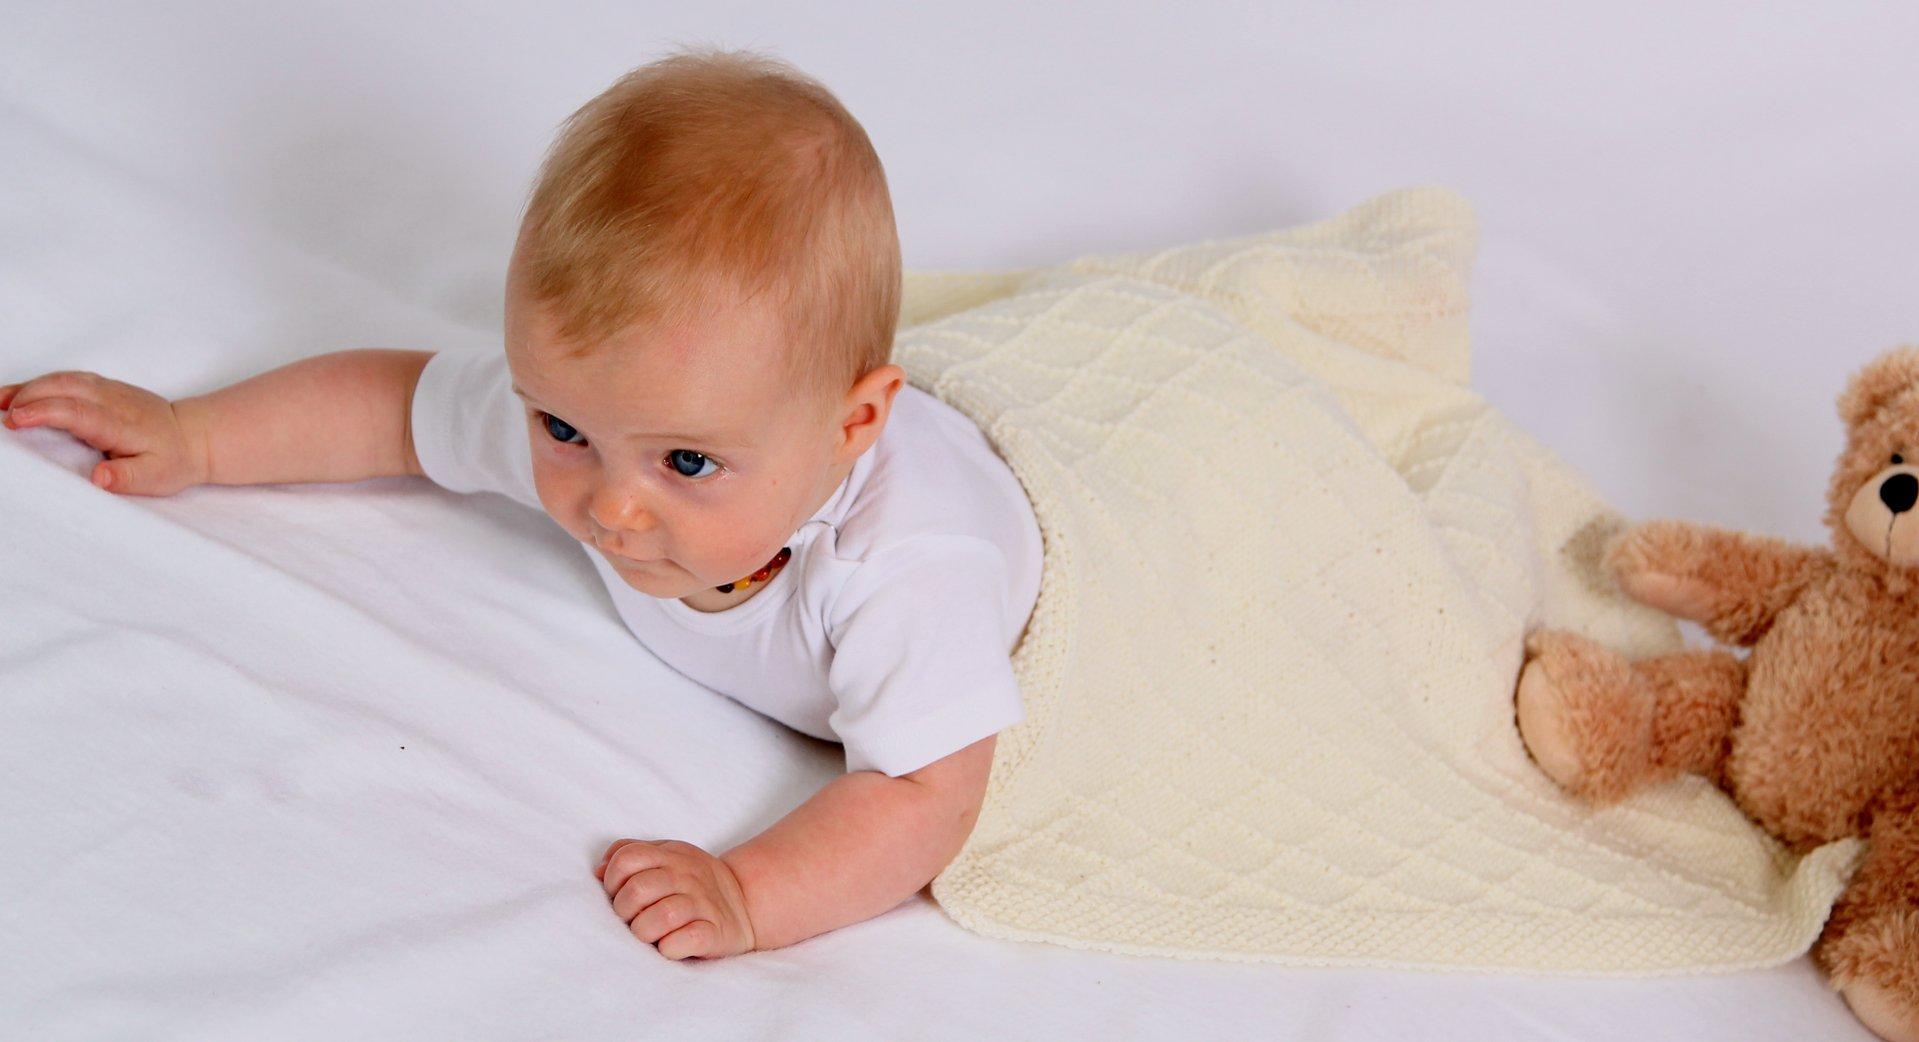 Strickanleitung Babydecke Wunschkind in 2 Größen, Anfängertauglich